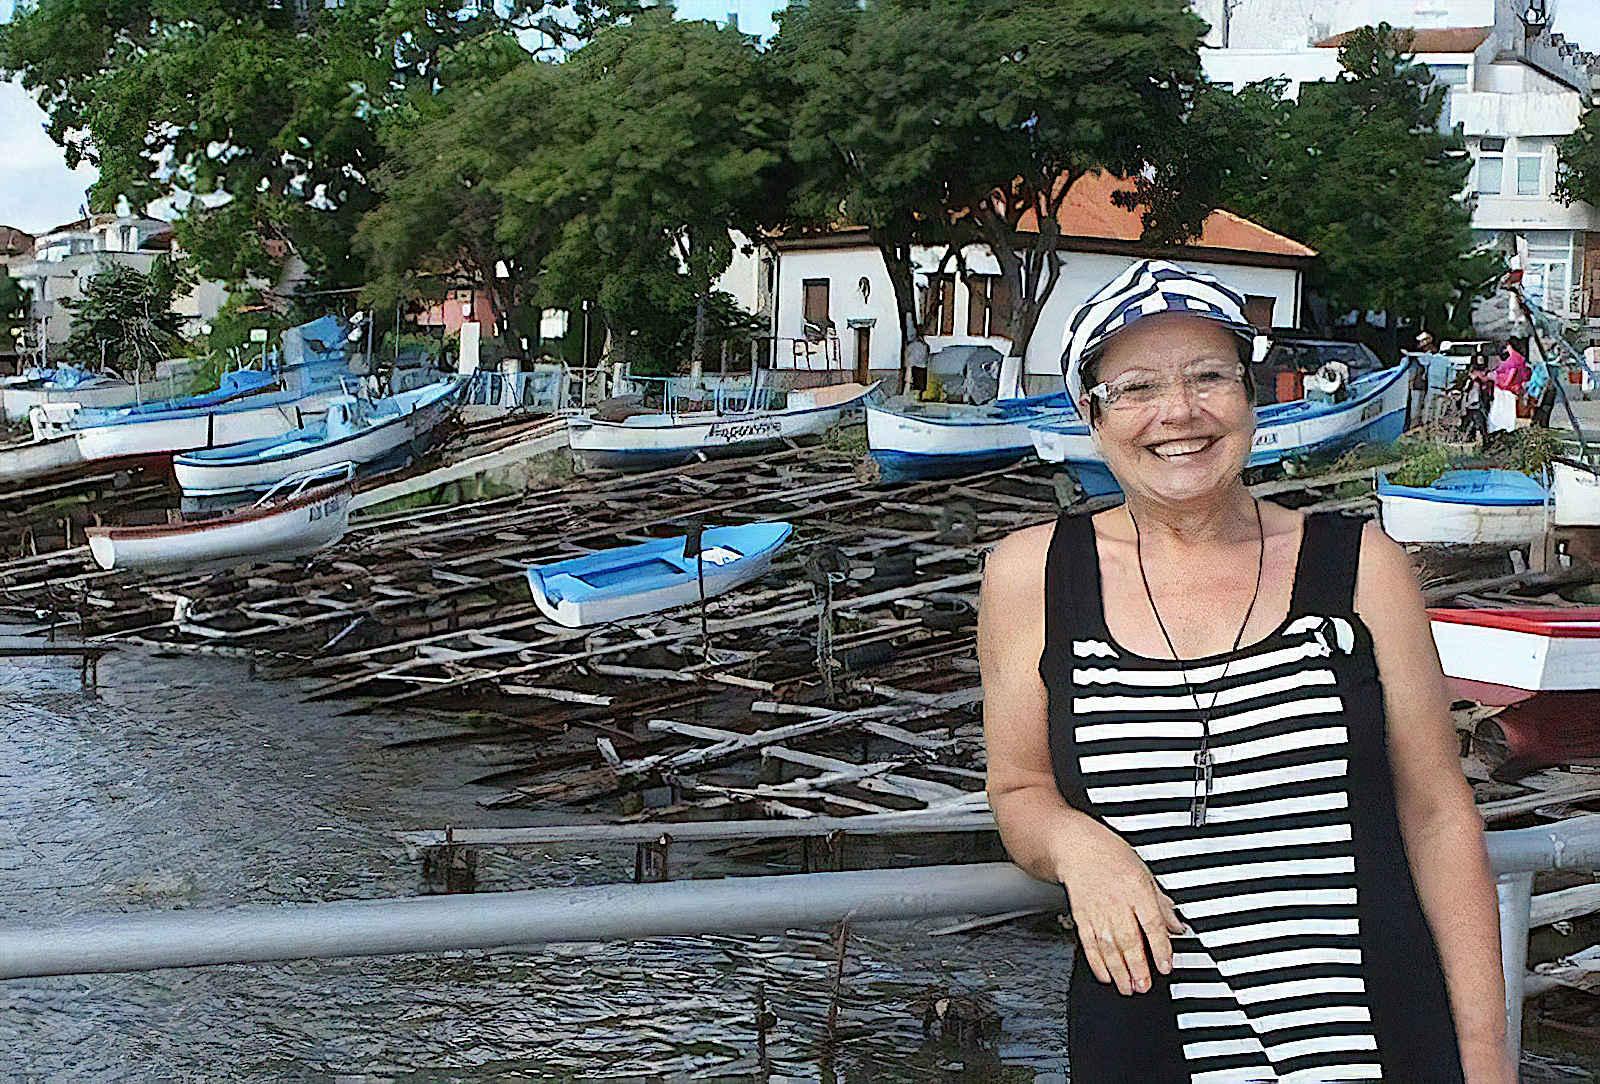 Керана Ангелова: Вдъхновява ме чистата радост от писането